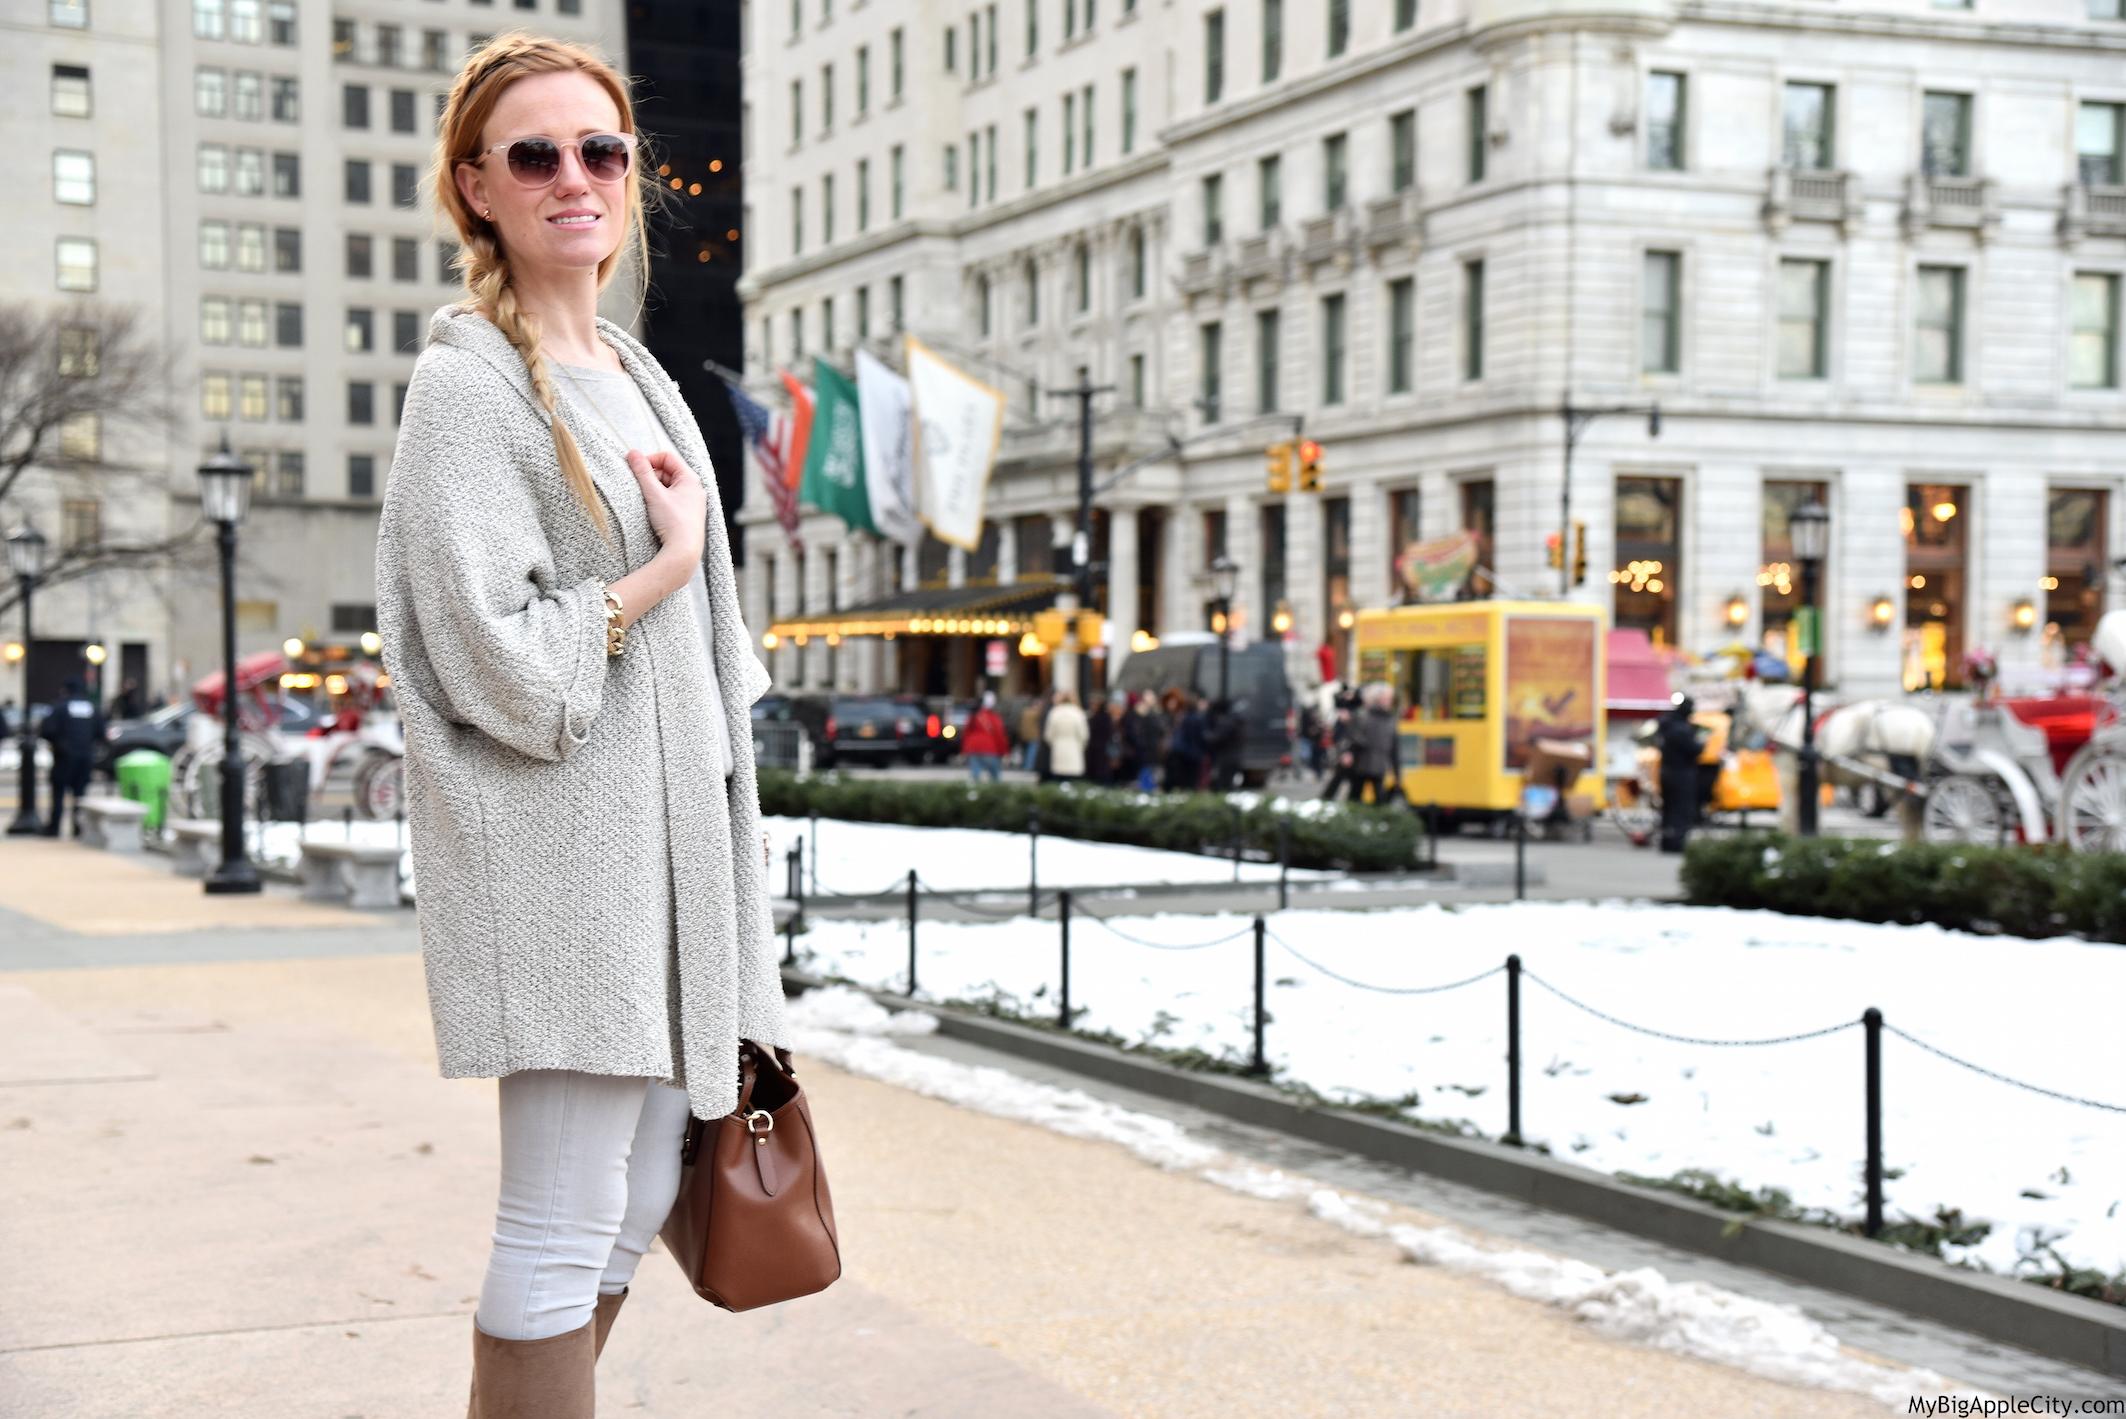 NYC-Fashion-Style-blogger-outfit-2016-mybigapplecity